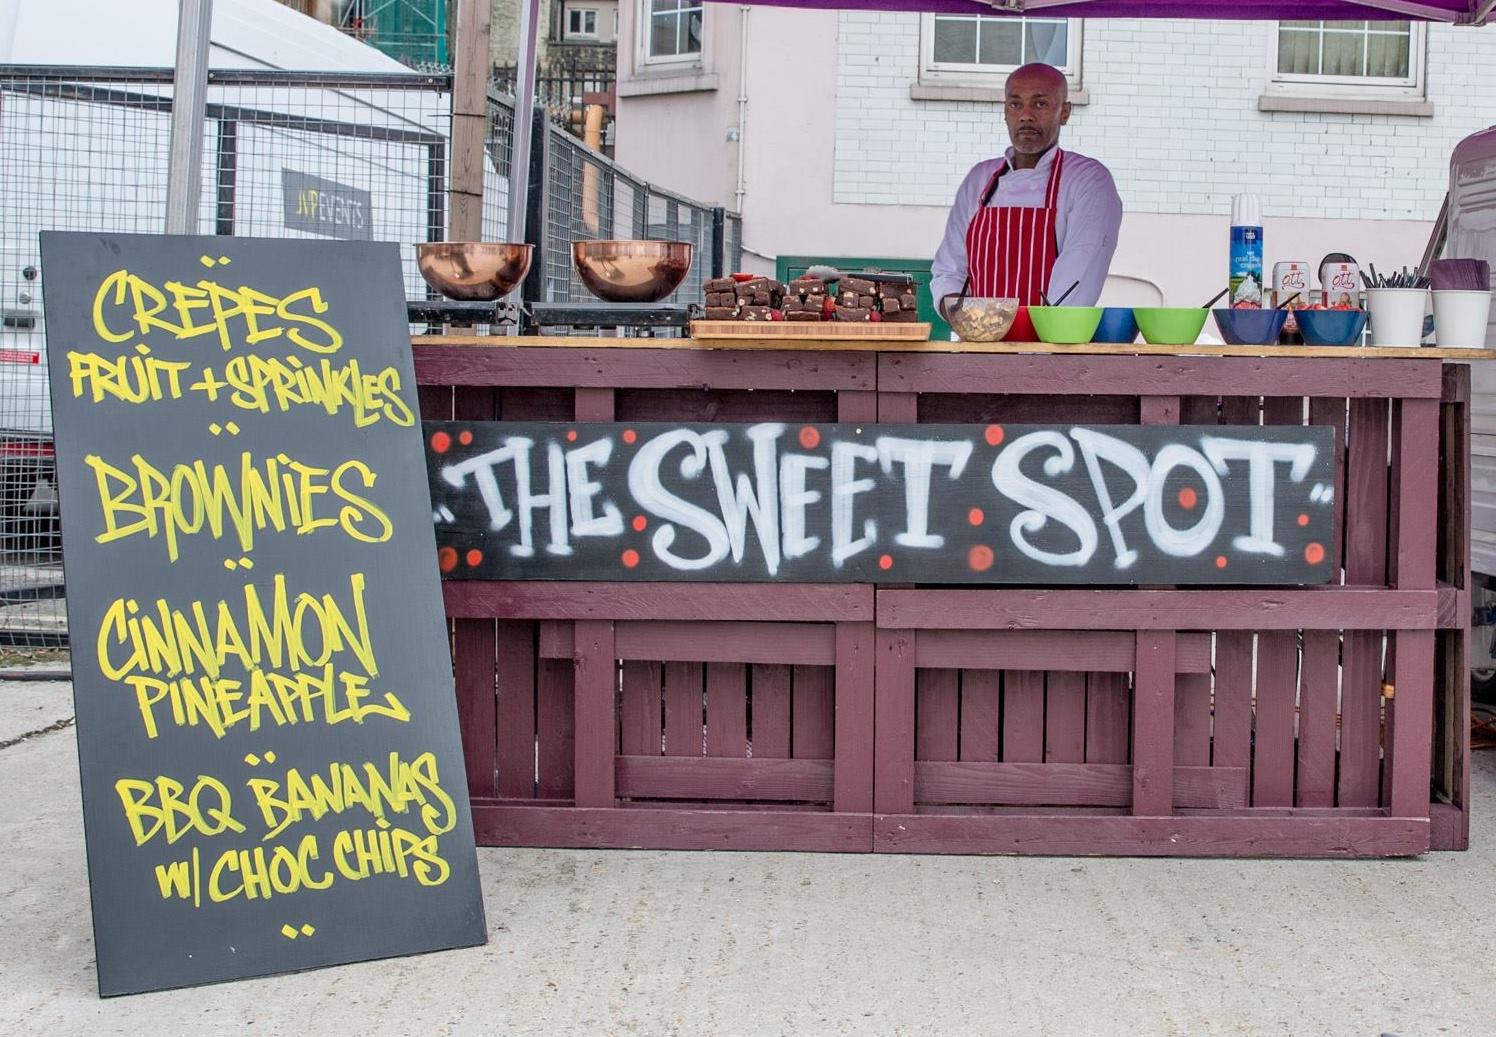 Sweetspot at showcase.jpg